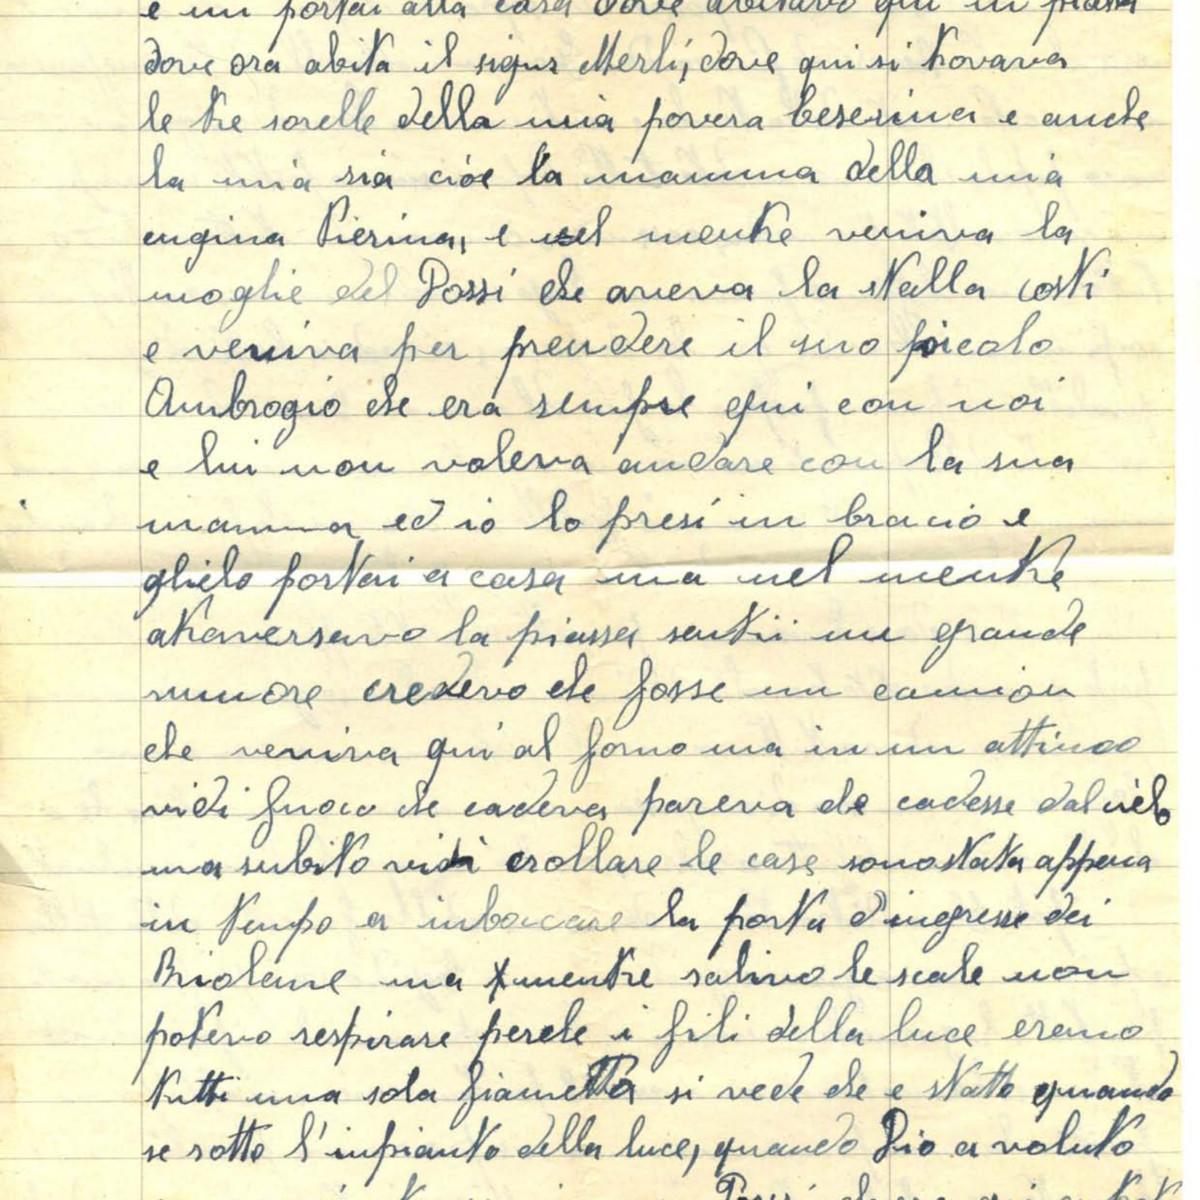 Lettera di Maria Ghesa_01